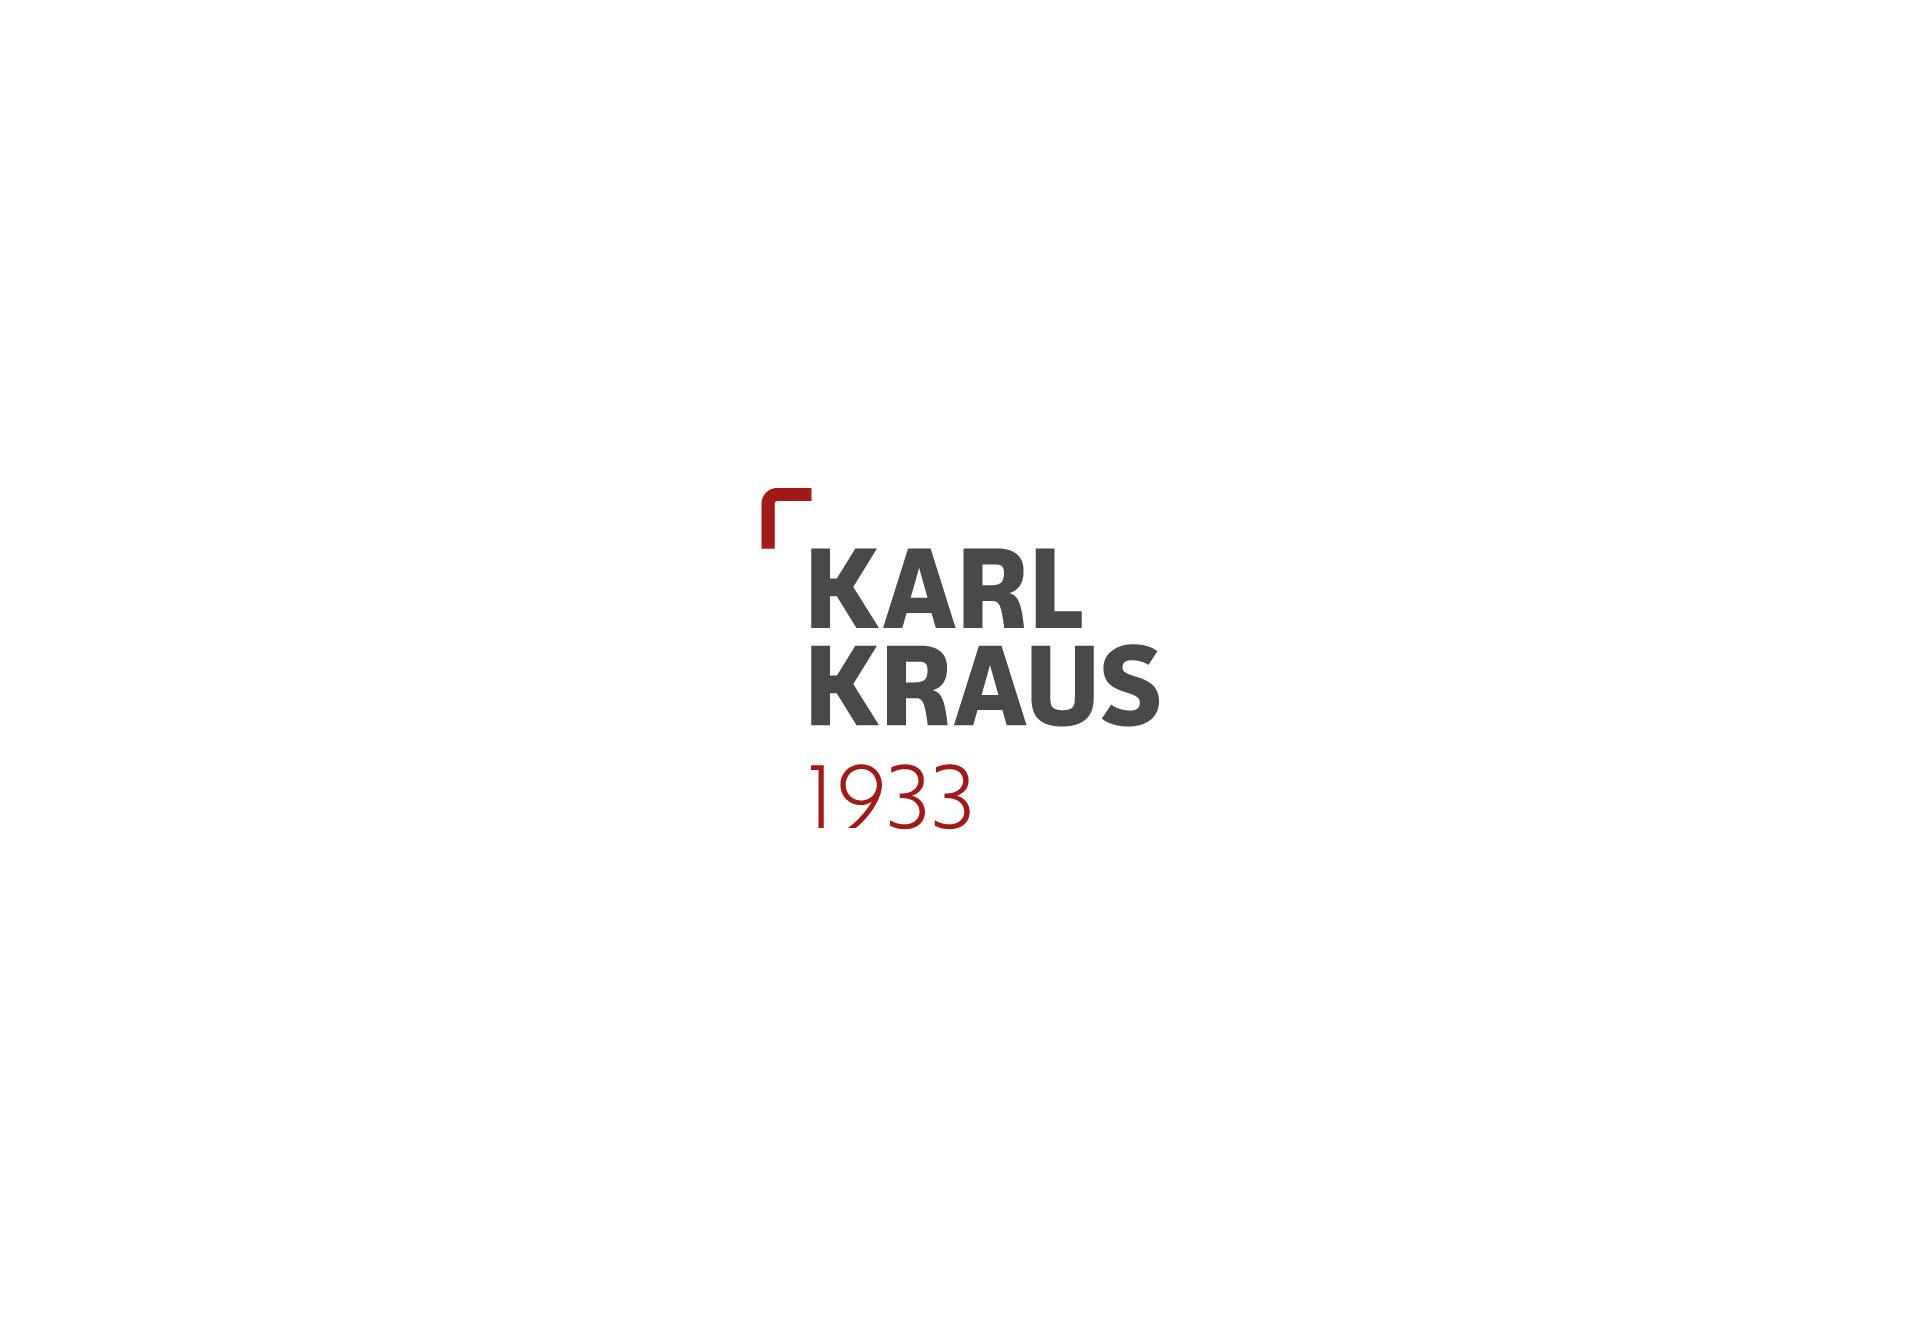 soha_OEAW-ACE_KarlKraus1933_Logo